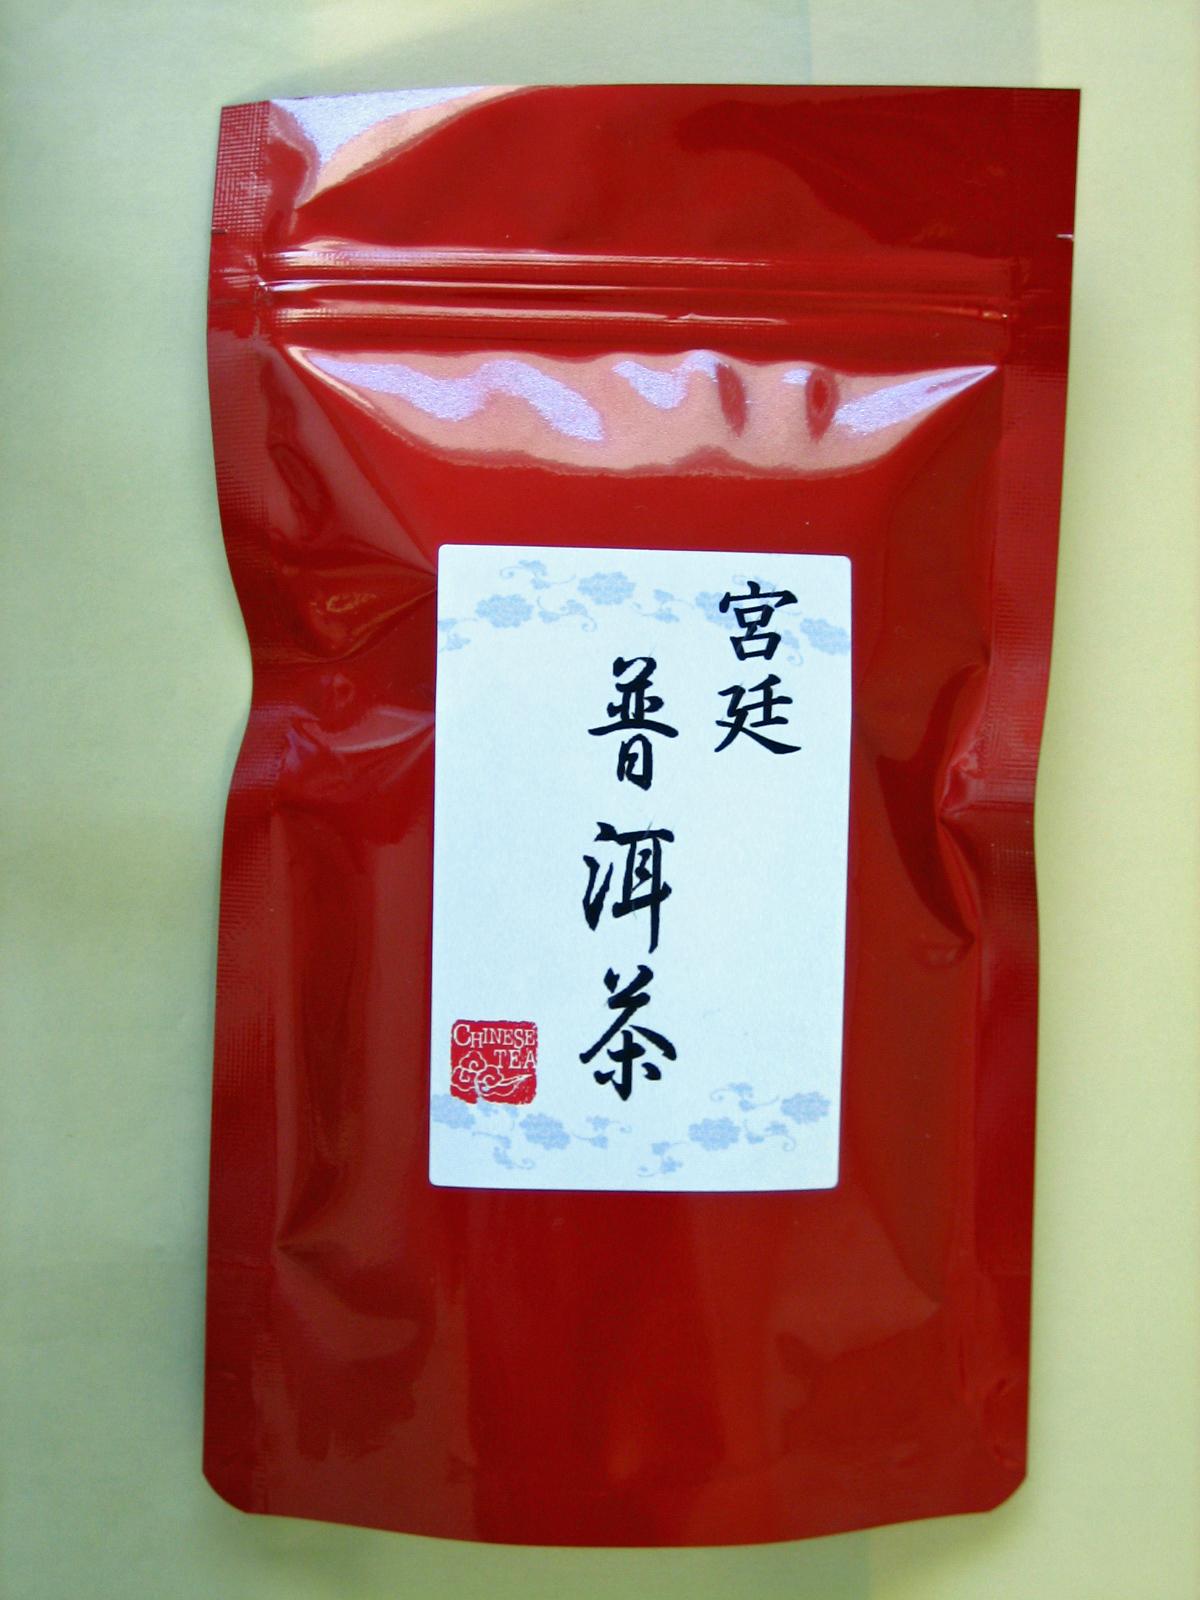 宮廷プーアル茶 80g(茶葉)::2685【水・ソフトドリンク】記念日向けギフトの通販サイト「バースデープレス」